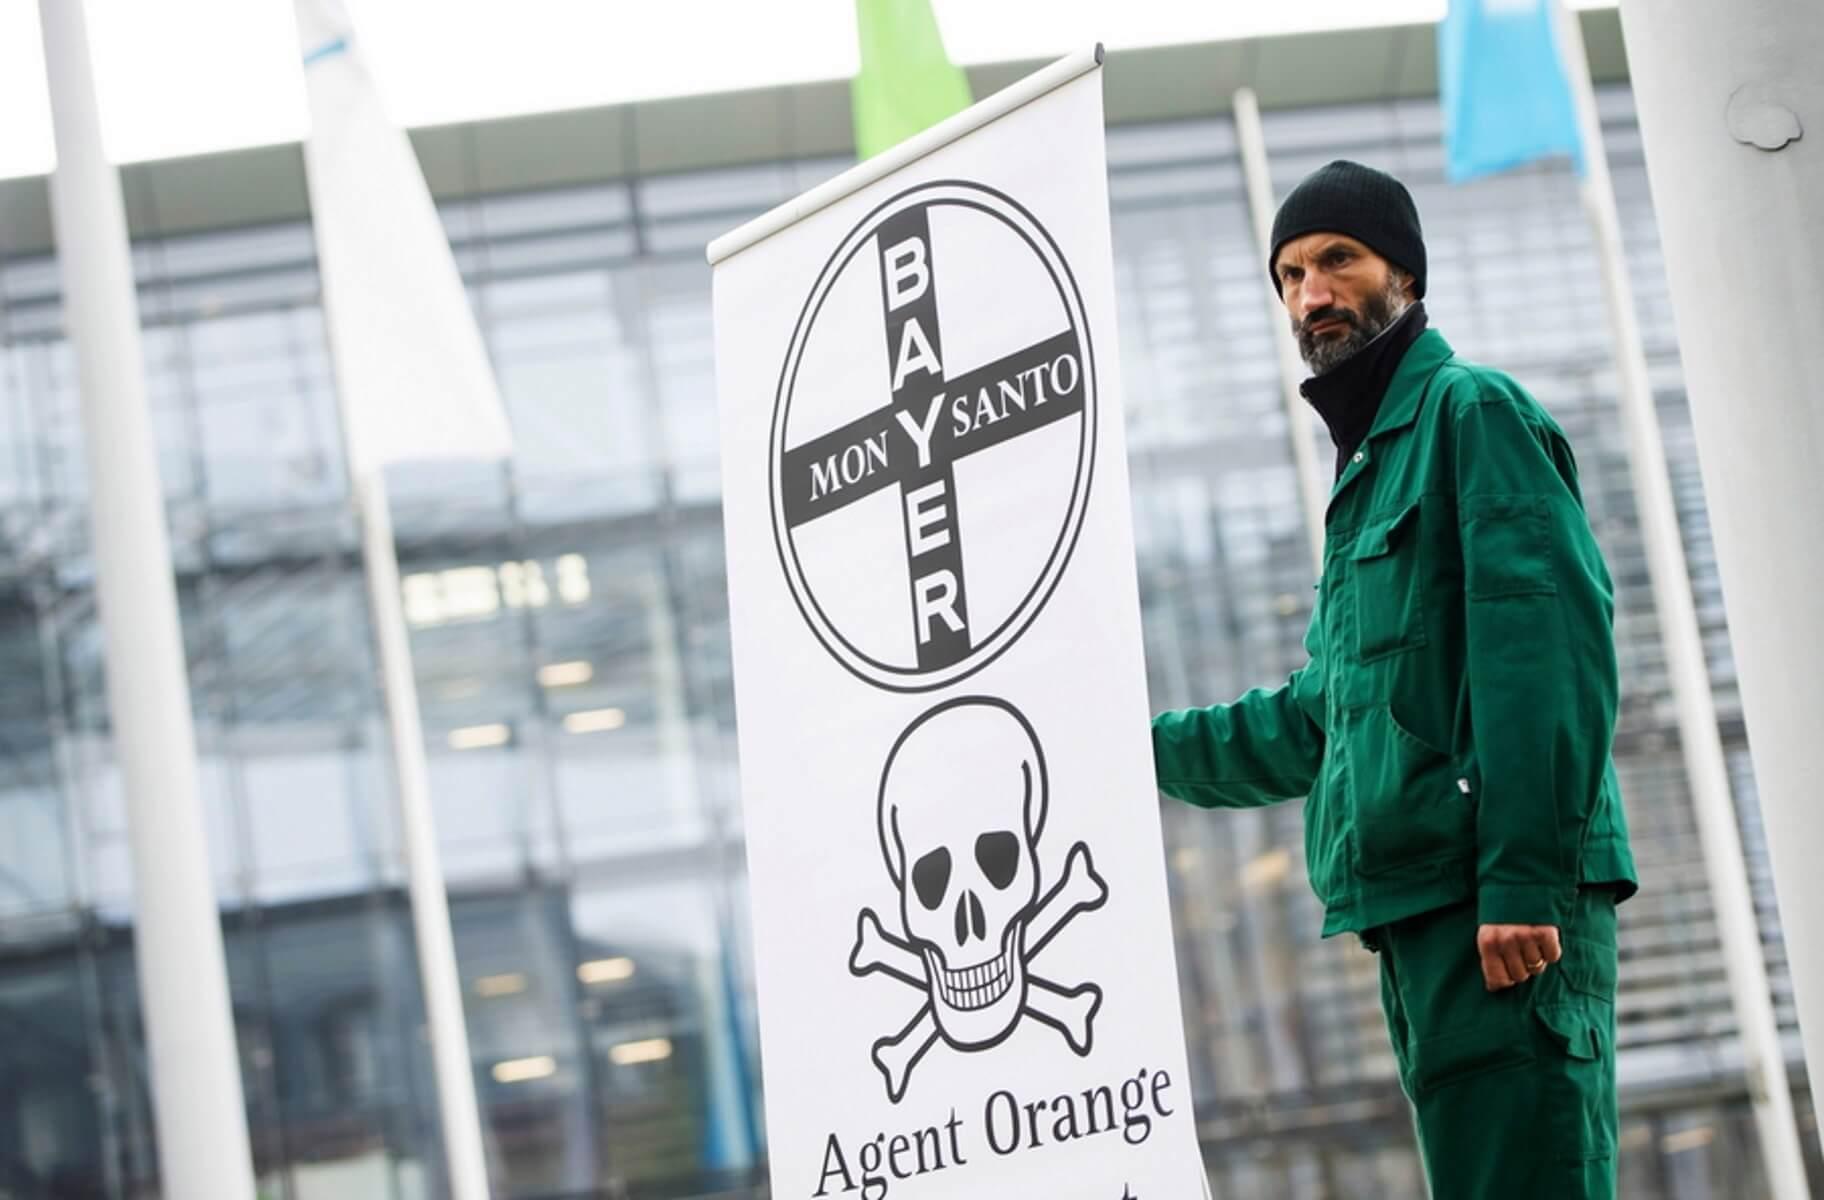 Νέες αποκαλύψεις για τη Monsanto! Φακέλωνε εκατοντάδες πρόσωπα σε επτά ευρωπαϊκές χώρες